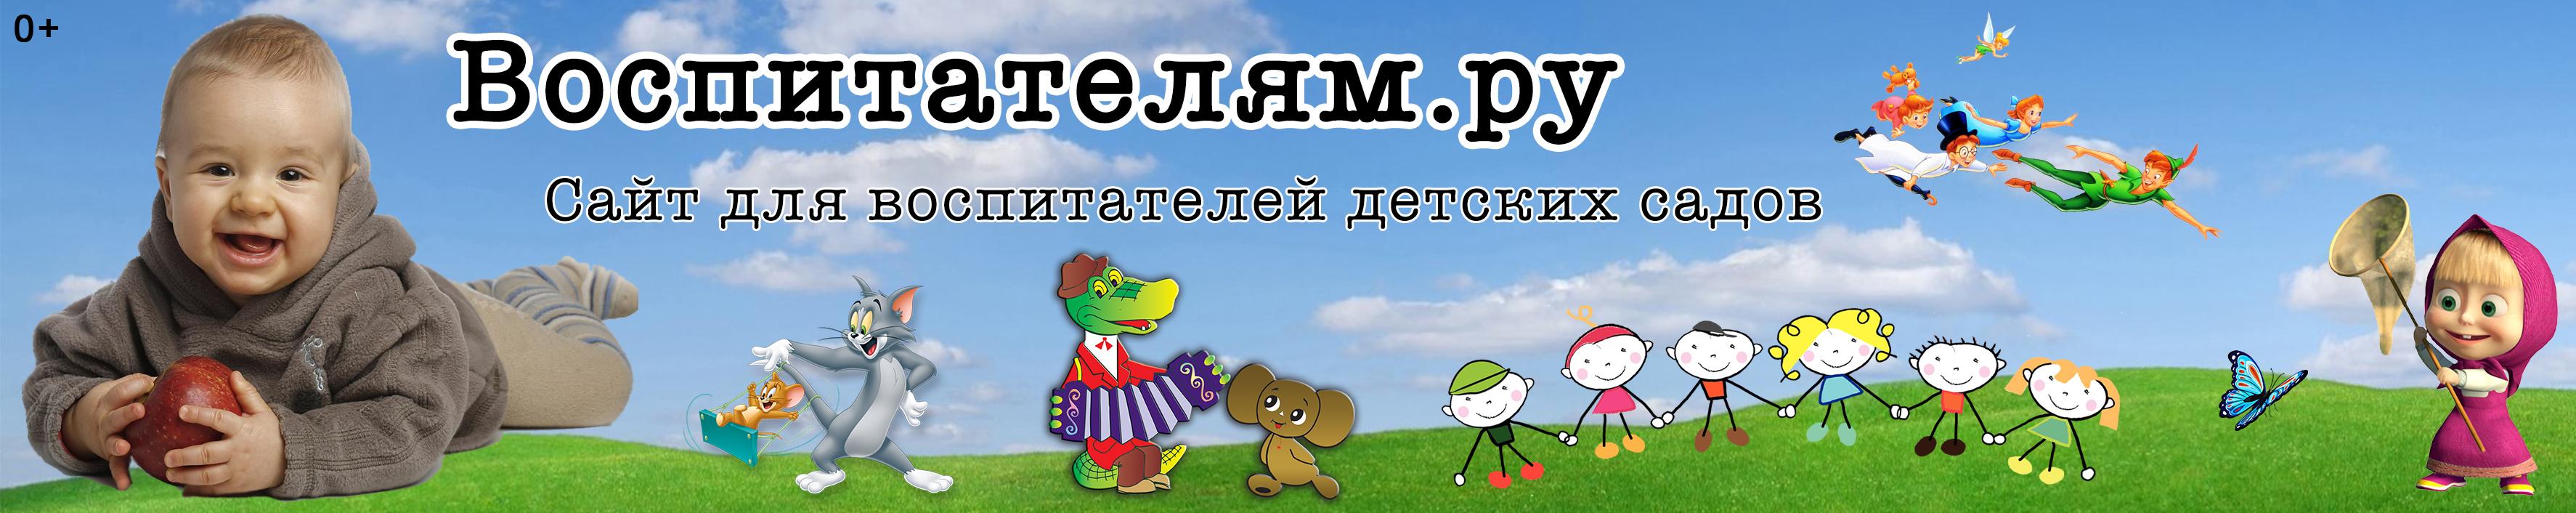 «Воспитателям.ру» – Сайт для воспитателей детских садов